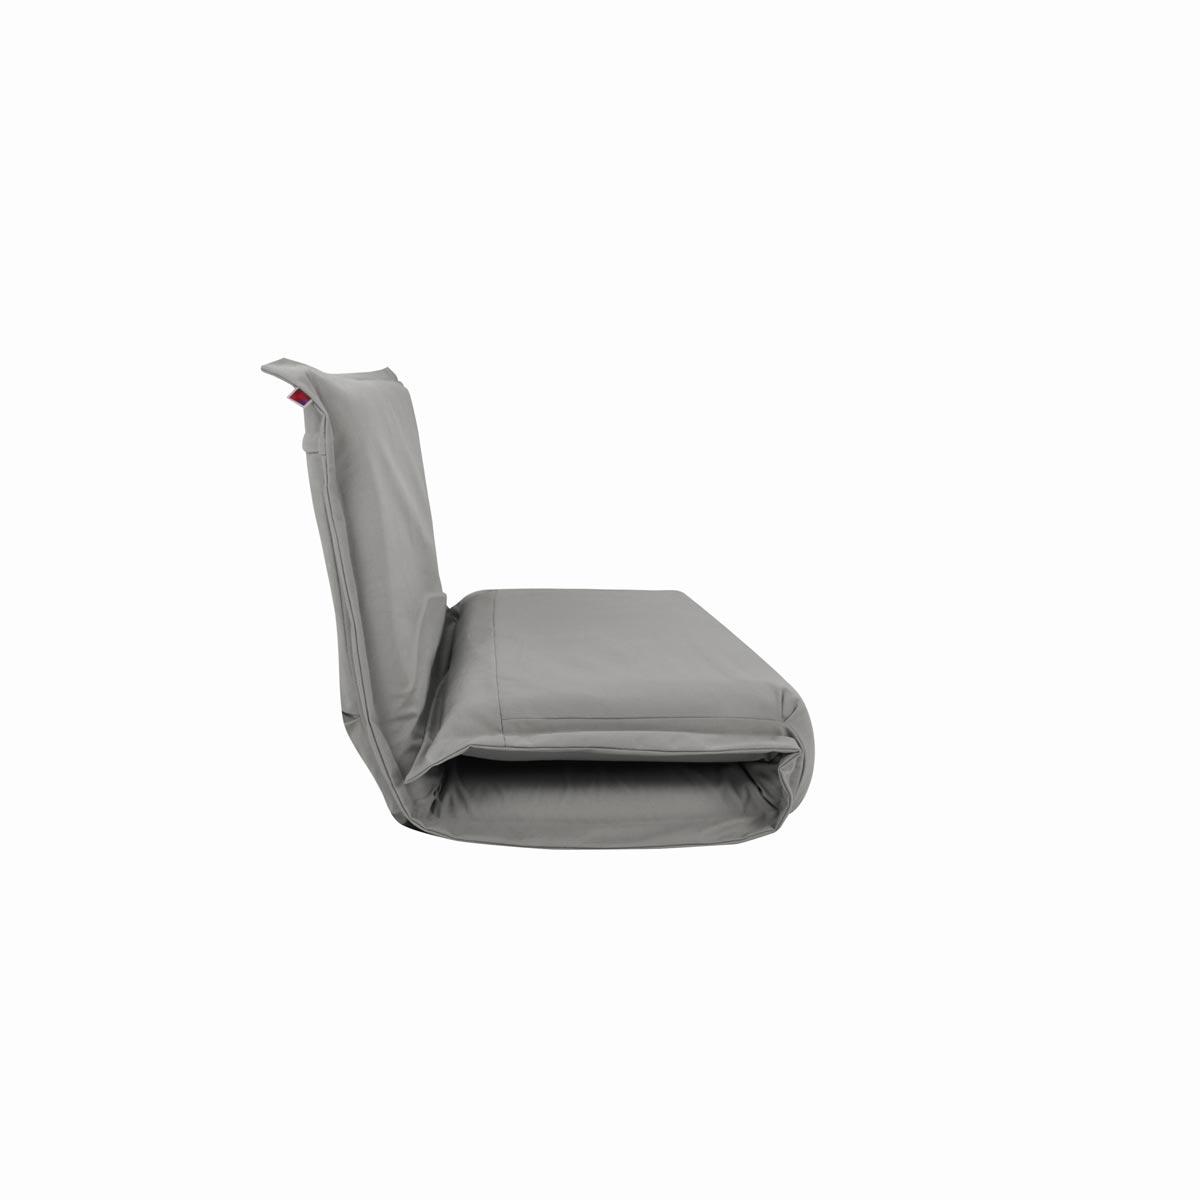 Pufe ClicClac Duo Lounge Tecido LN03 Cinza Claro 03 04